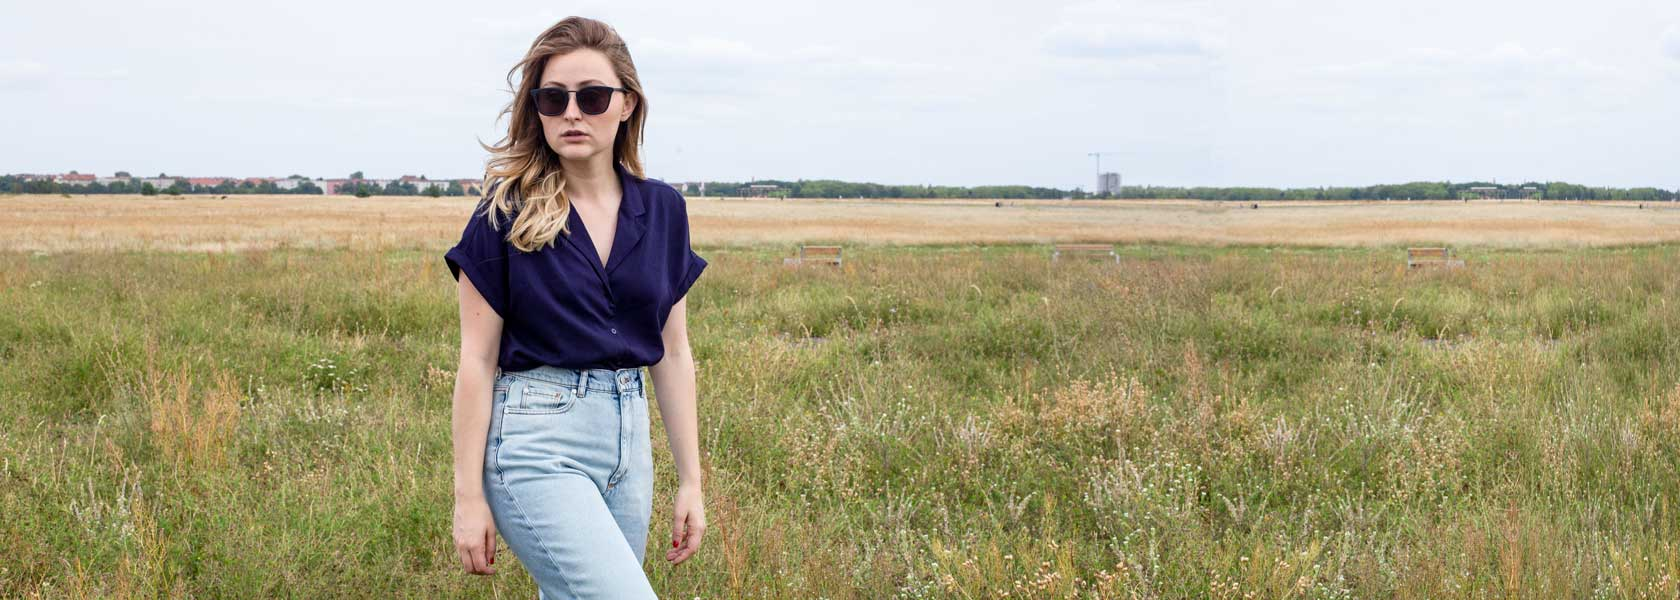 Frau trägt Jeans und Bluse und läuft über Feld